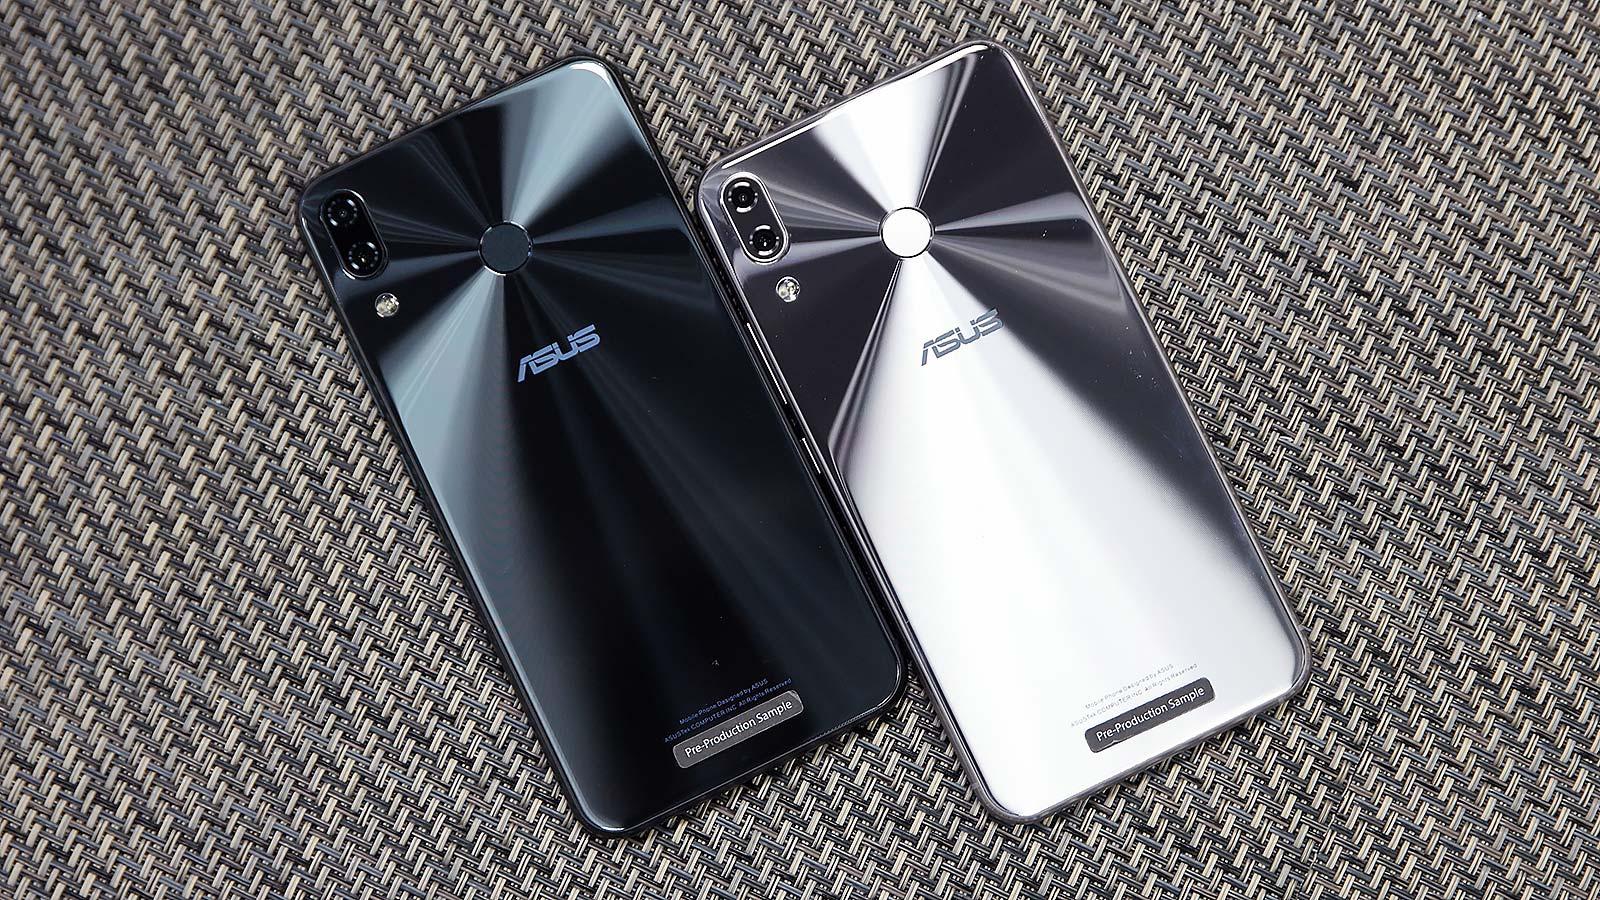 El Zenfone 5 llega en dos colores: plata y gris carbón.